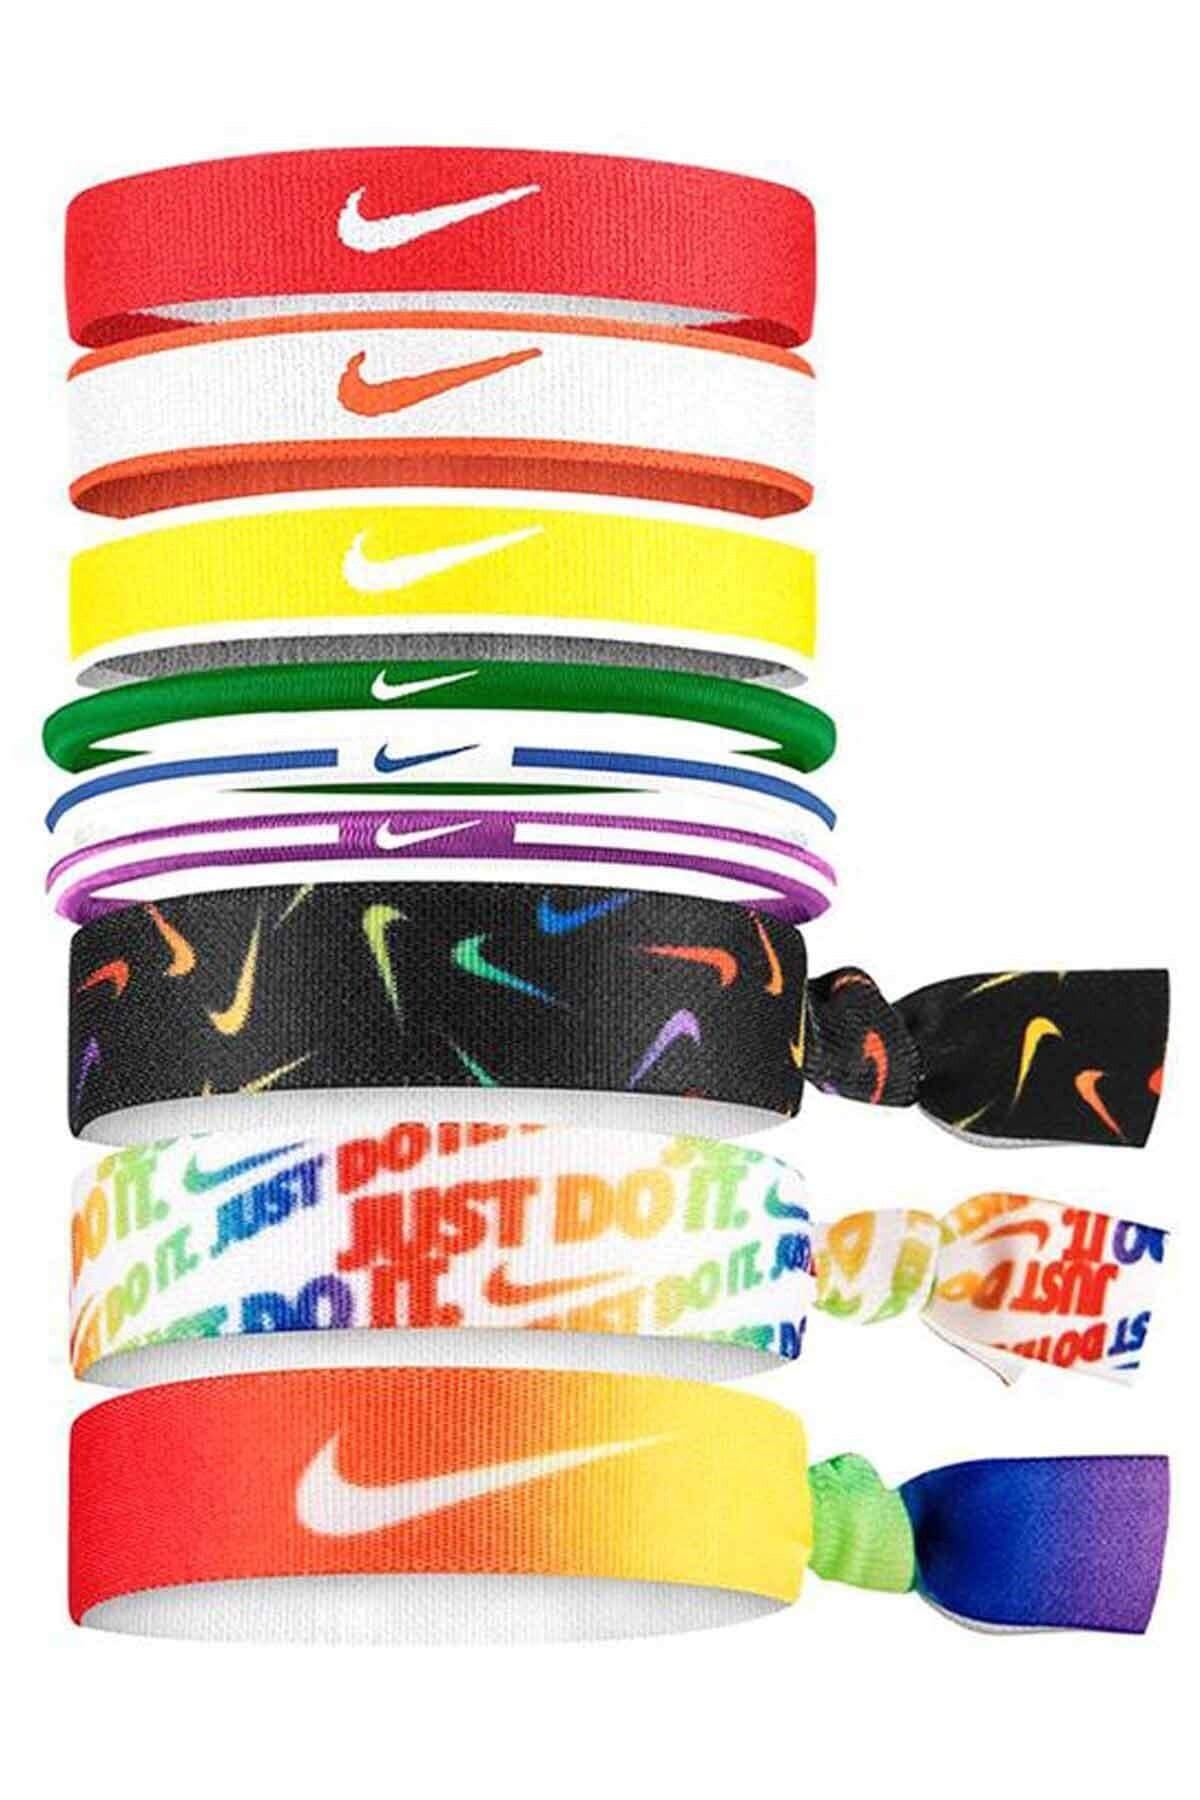 Mixed Hairbands 9 Pk Unisex Saç Bandı N.000.3537.950.os-çok Renkli